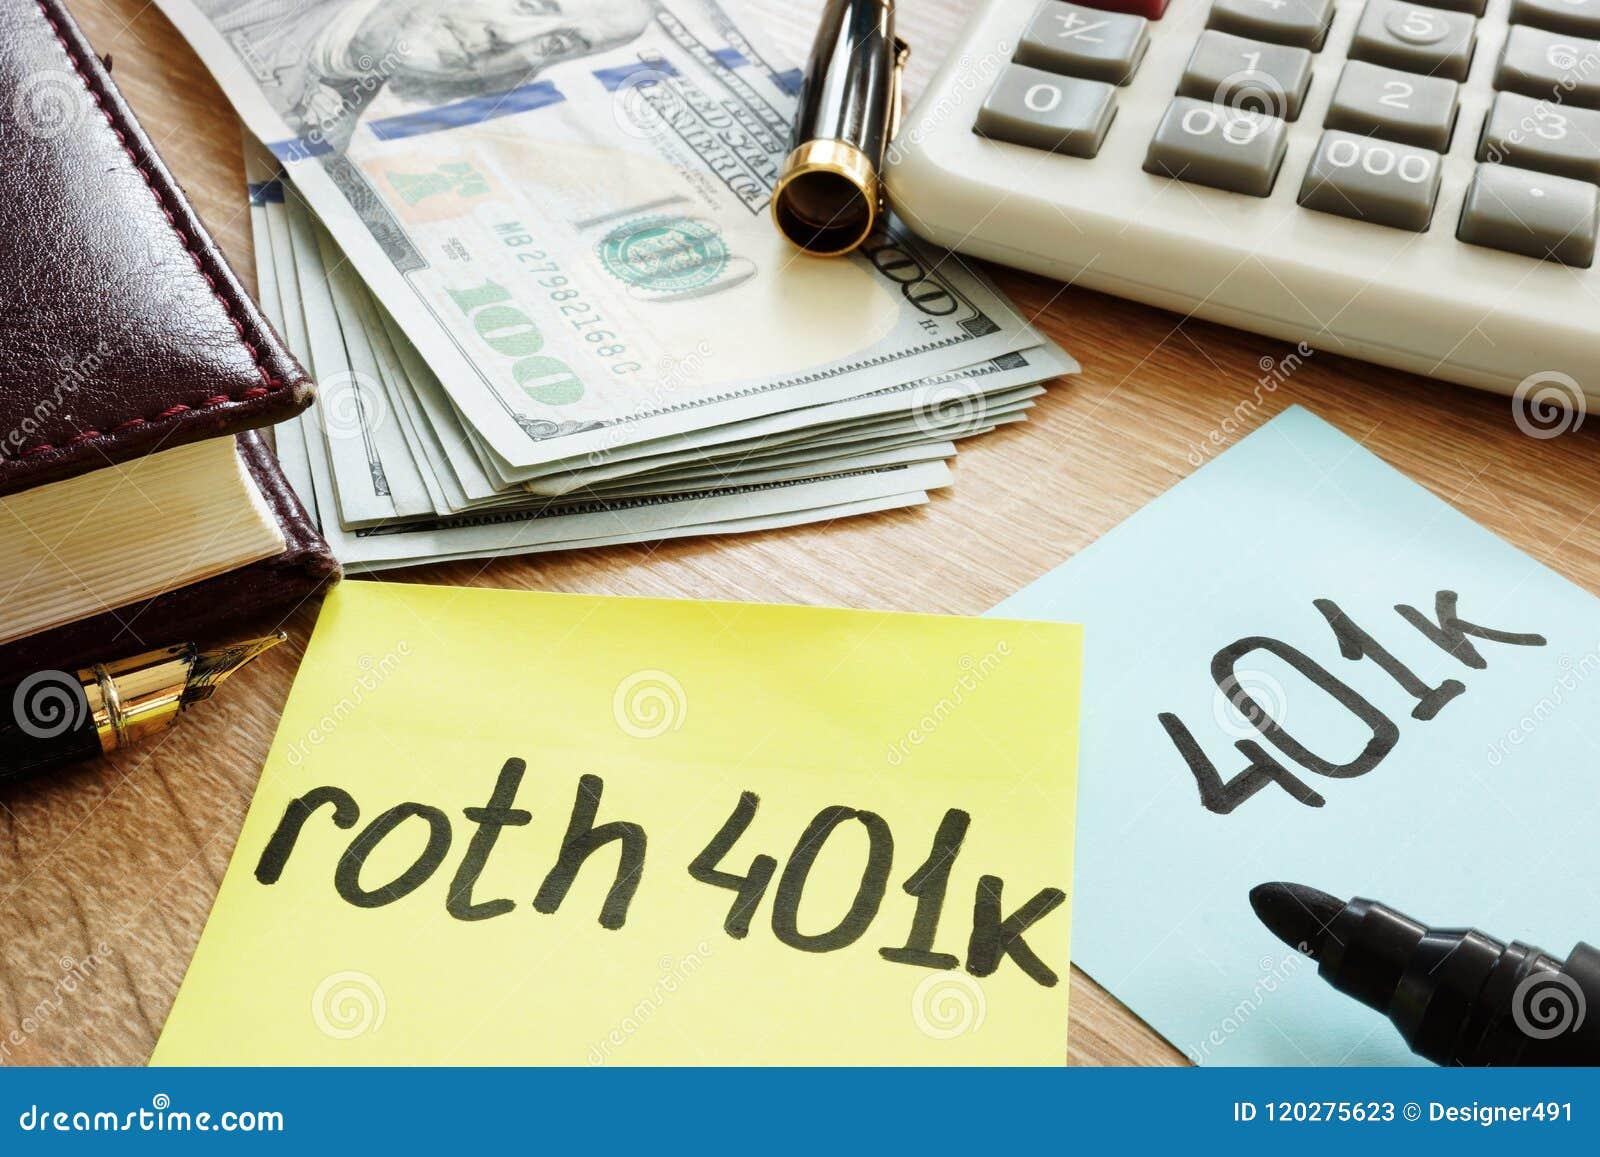 在书桌上的两根备忘录棍子roth 401k 退休